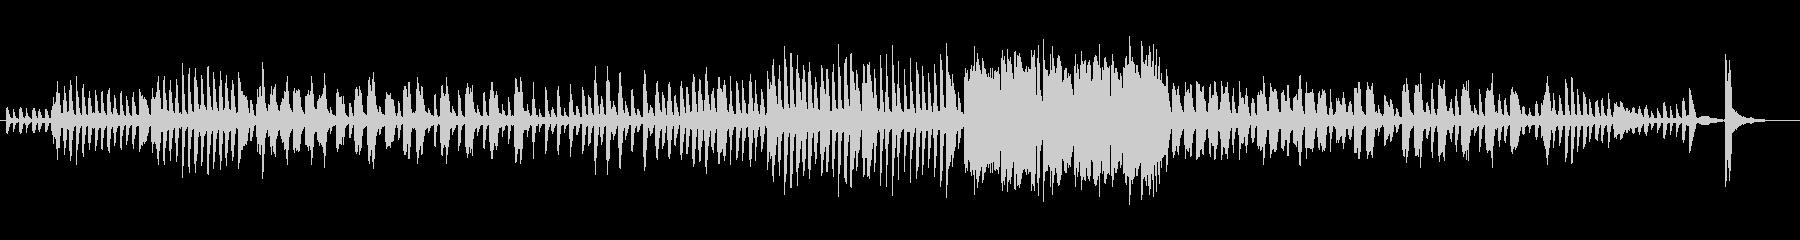 「ドワーフの行進」ショートバージョンの未再生の波形